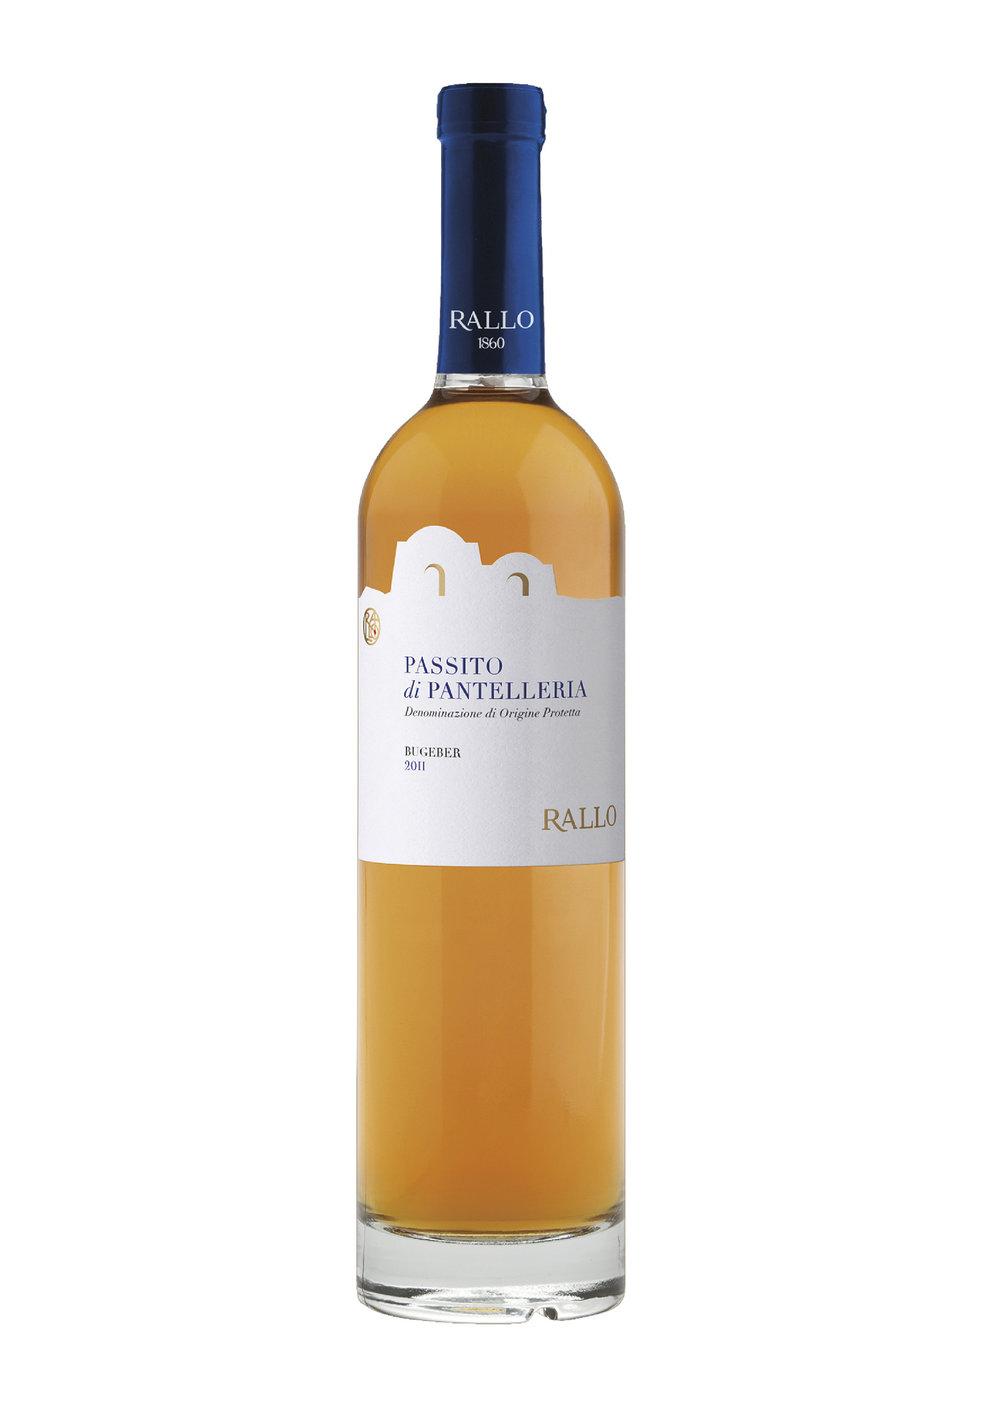 temperatura di servizio 14 °C - Vino dolce, intenso e vellutato prodotto da uve Moscato coltivate sull'isola vulcanica di Pantelleria, in speciali conche scavate su terrazzamenti di pietra lavica.